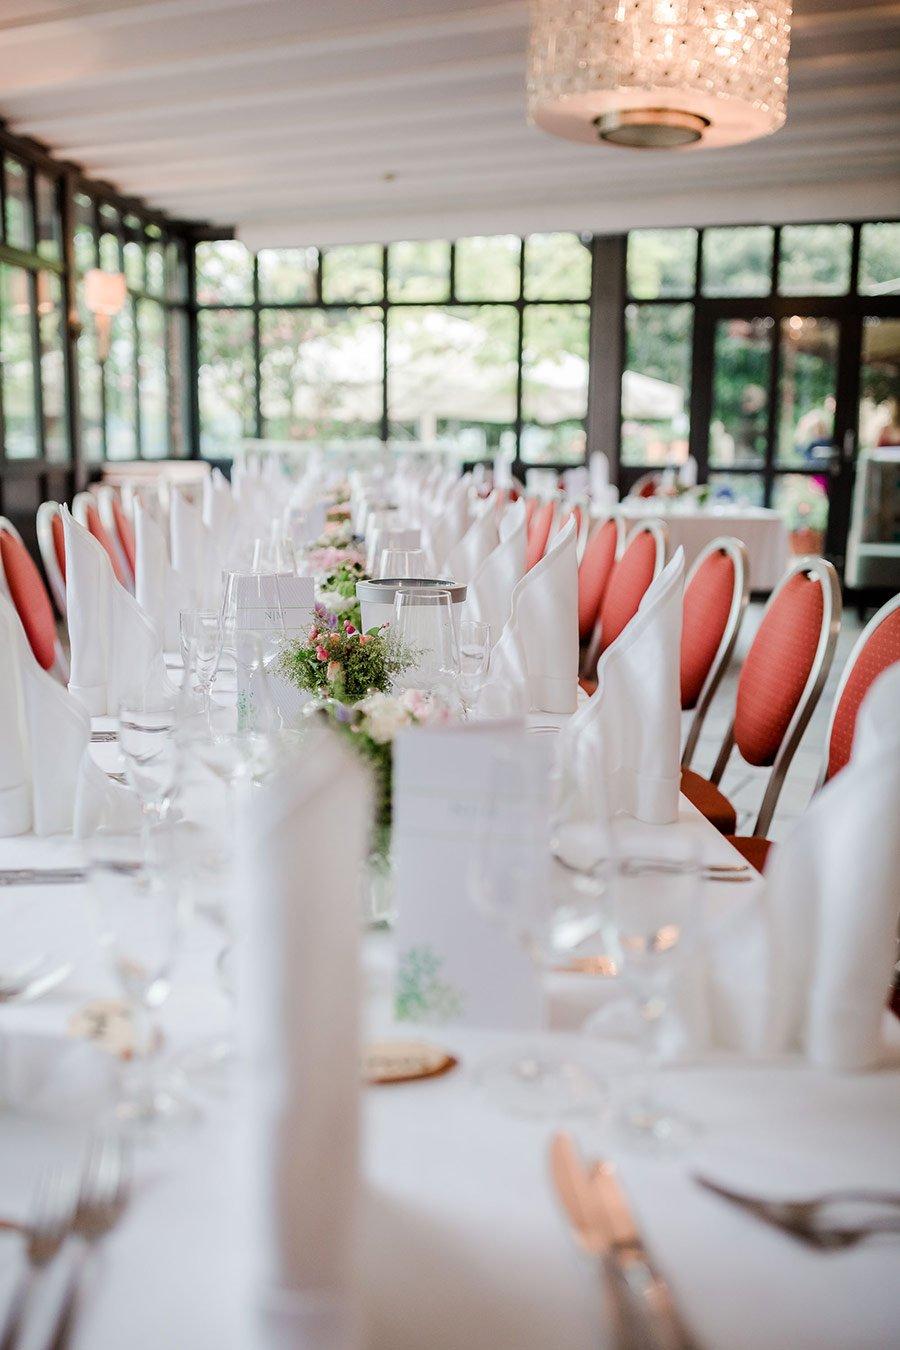 Heiraten-im-Dresdner-Zwinger-So-schoen-kann-dort-eine-Hochzeit-sein-40